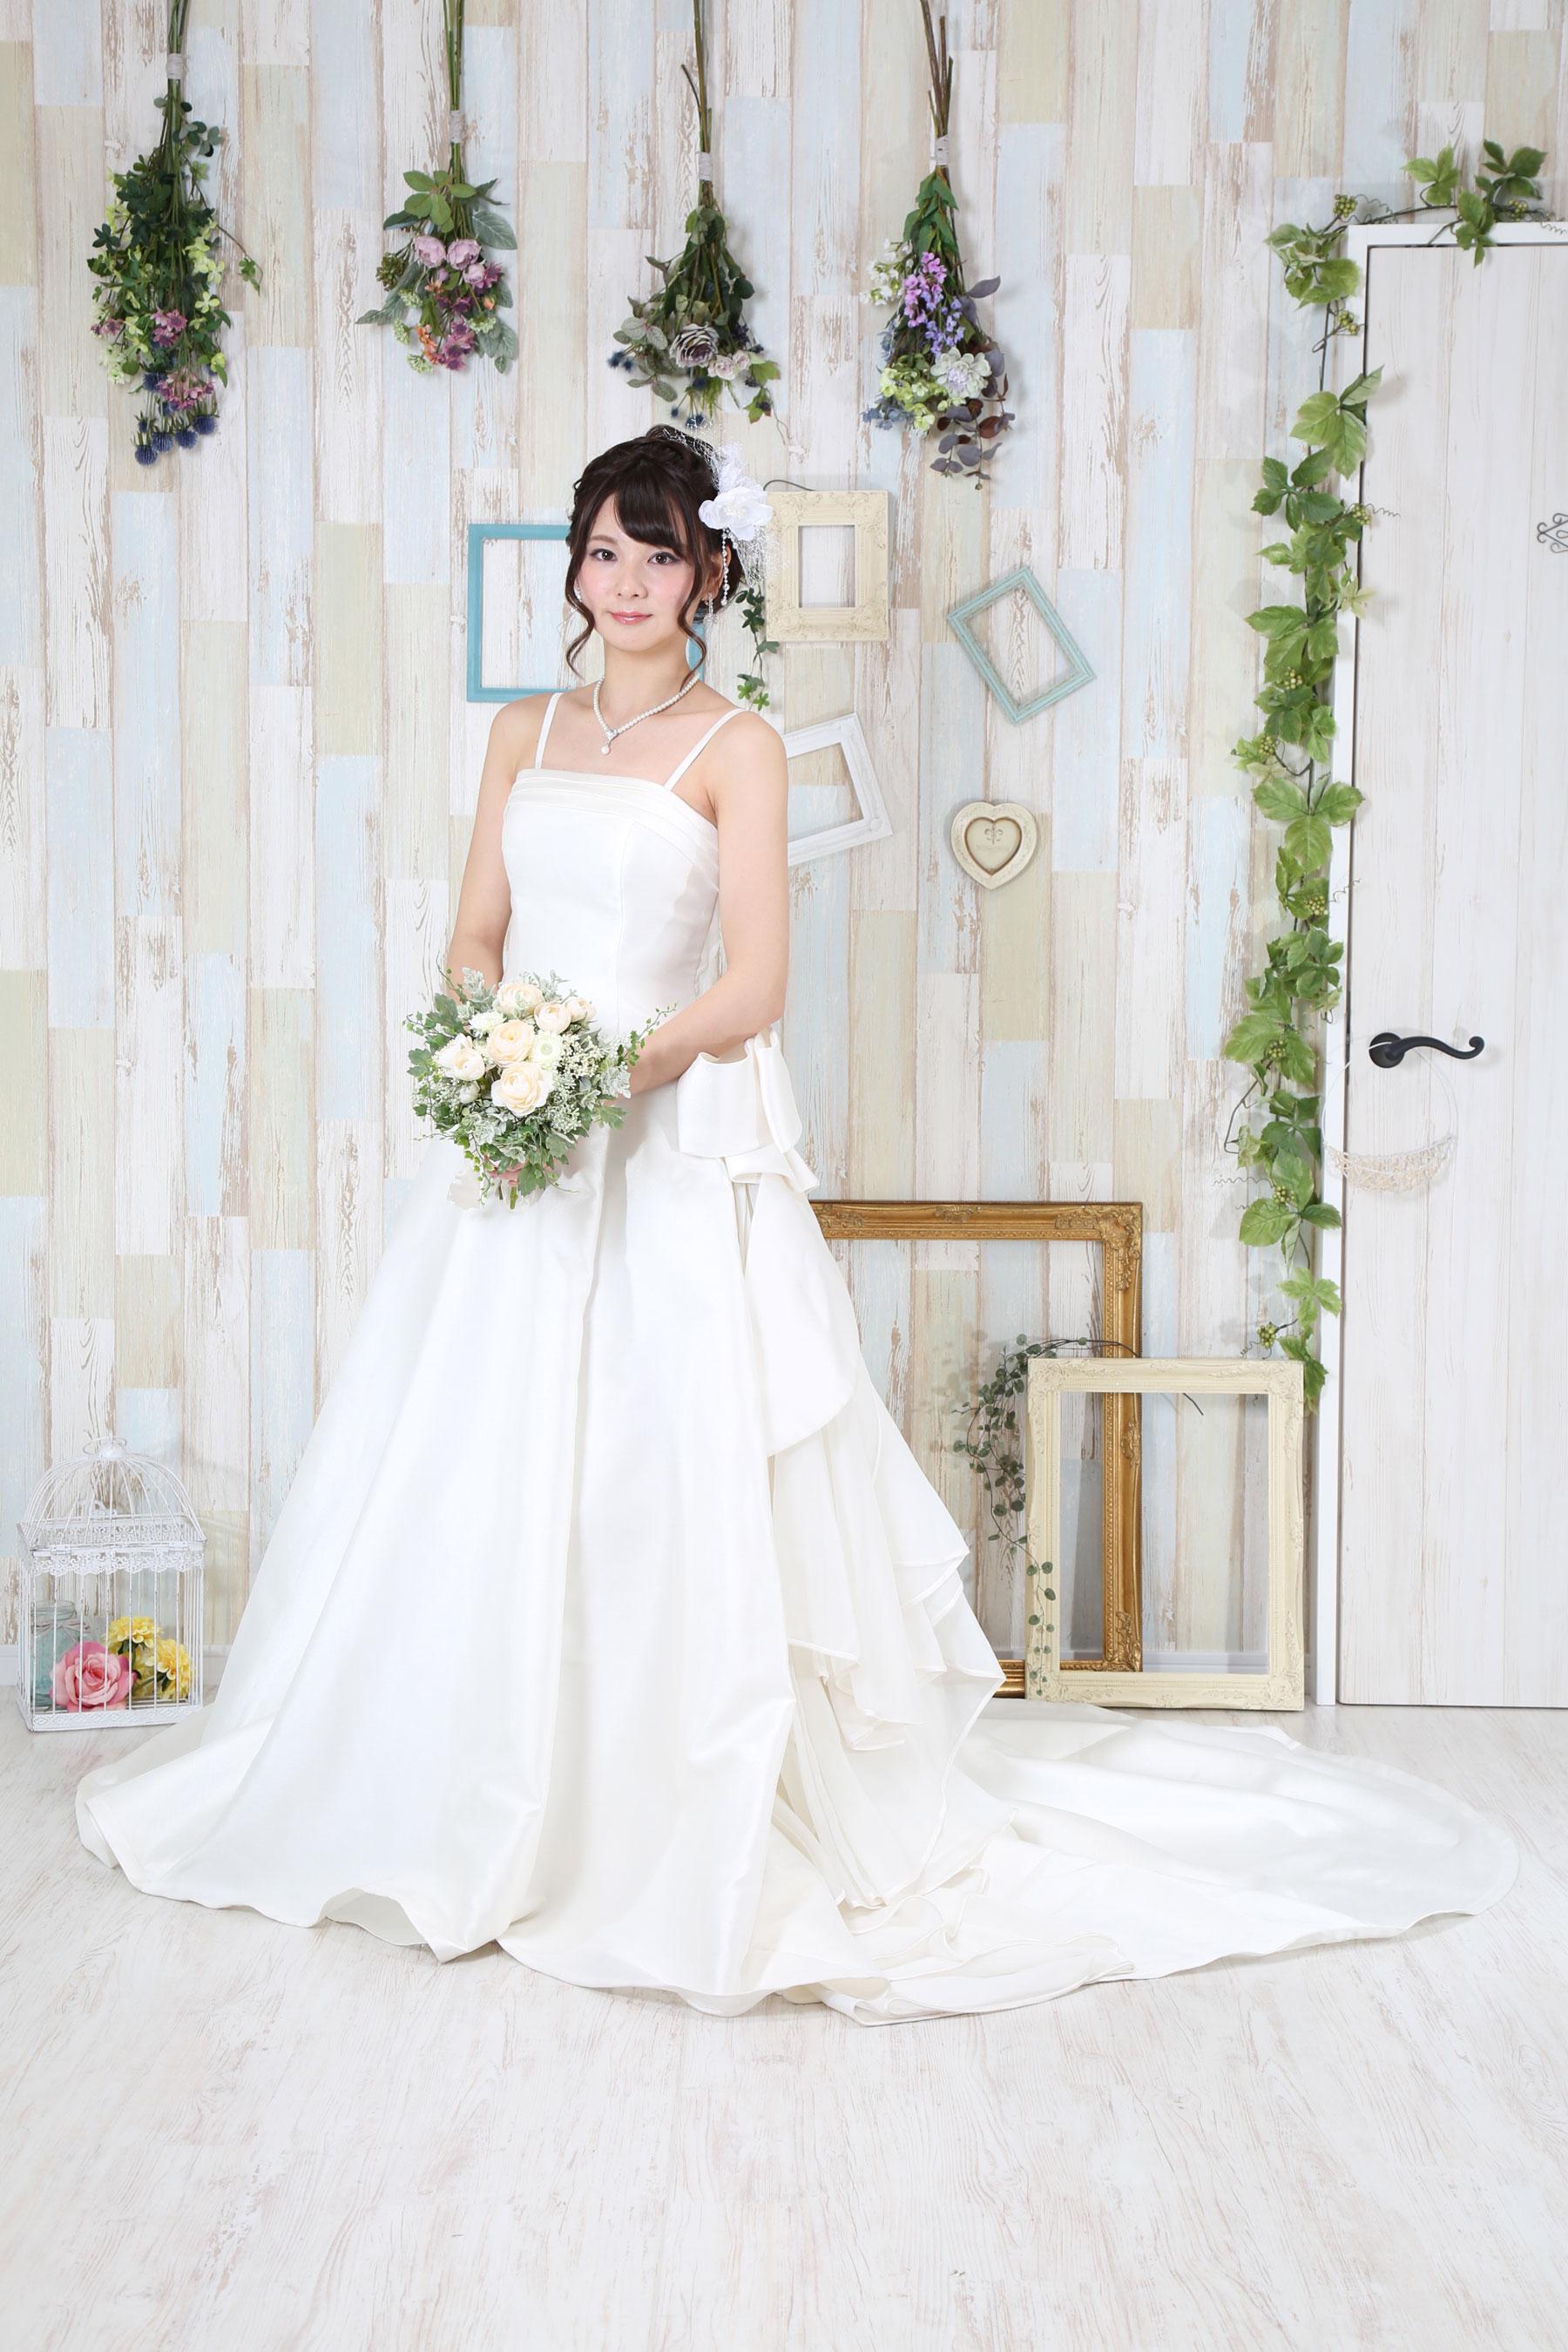 ★20180211-ドレス衣装撮影_117